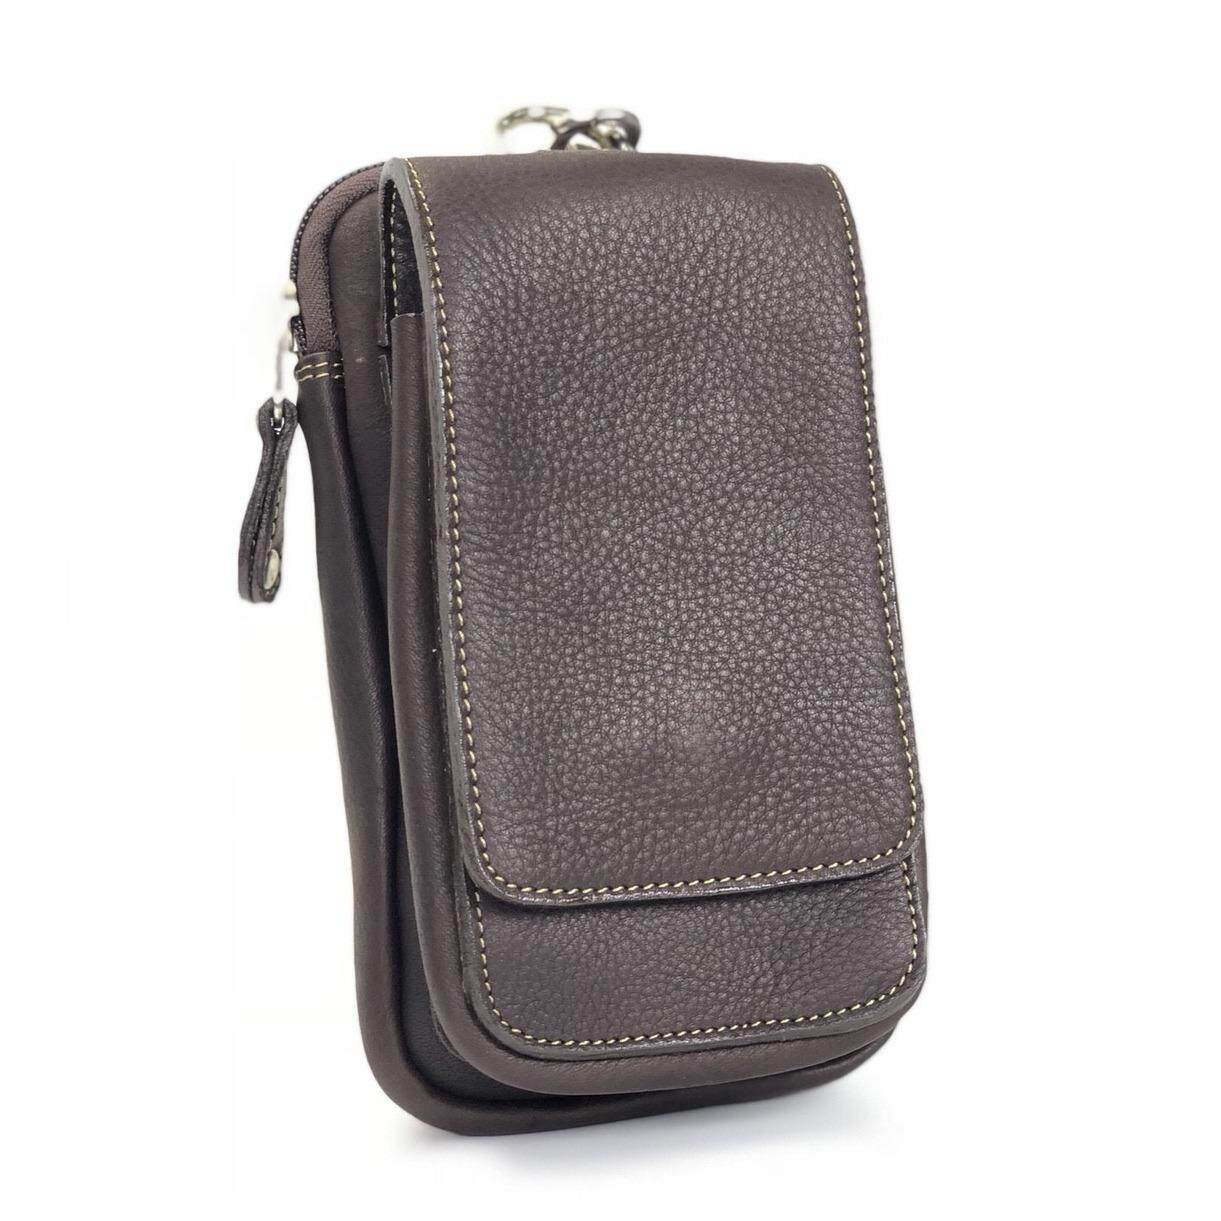 ซื้อ Chinatown Leather กระเป๋าหนังแท้ใส่มือถือร้อยเข็มขัด หนังชาร์มัวร์ สีน้ำตาล Chinatown Leather